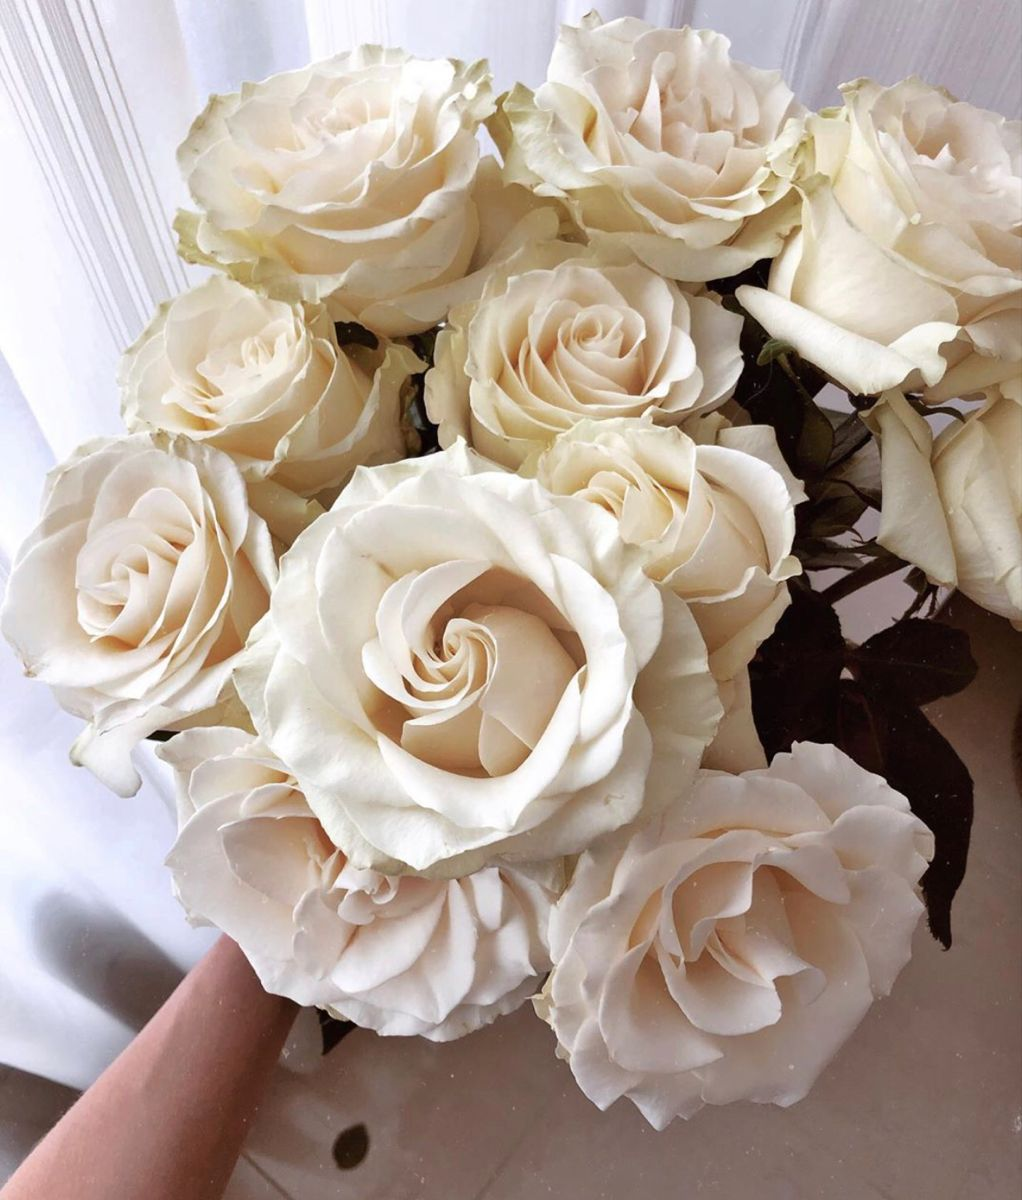 Cream Roses In 2020 Wholesale Roses Cream Roses Wholesale Flowers